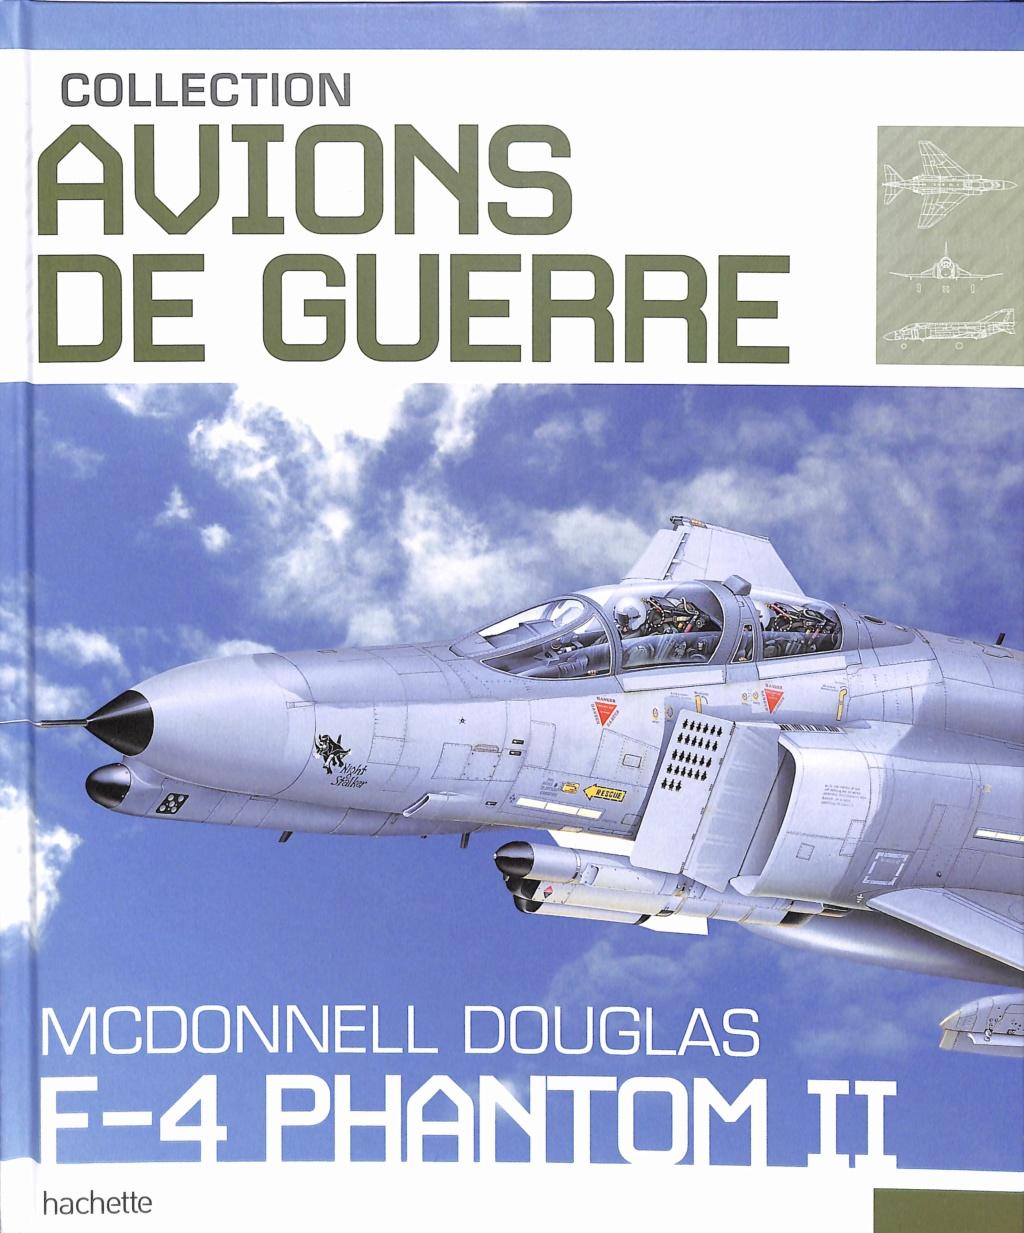 Nouvelle collection en kiosques: Avions de guerre M4263-15